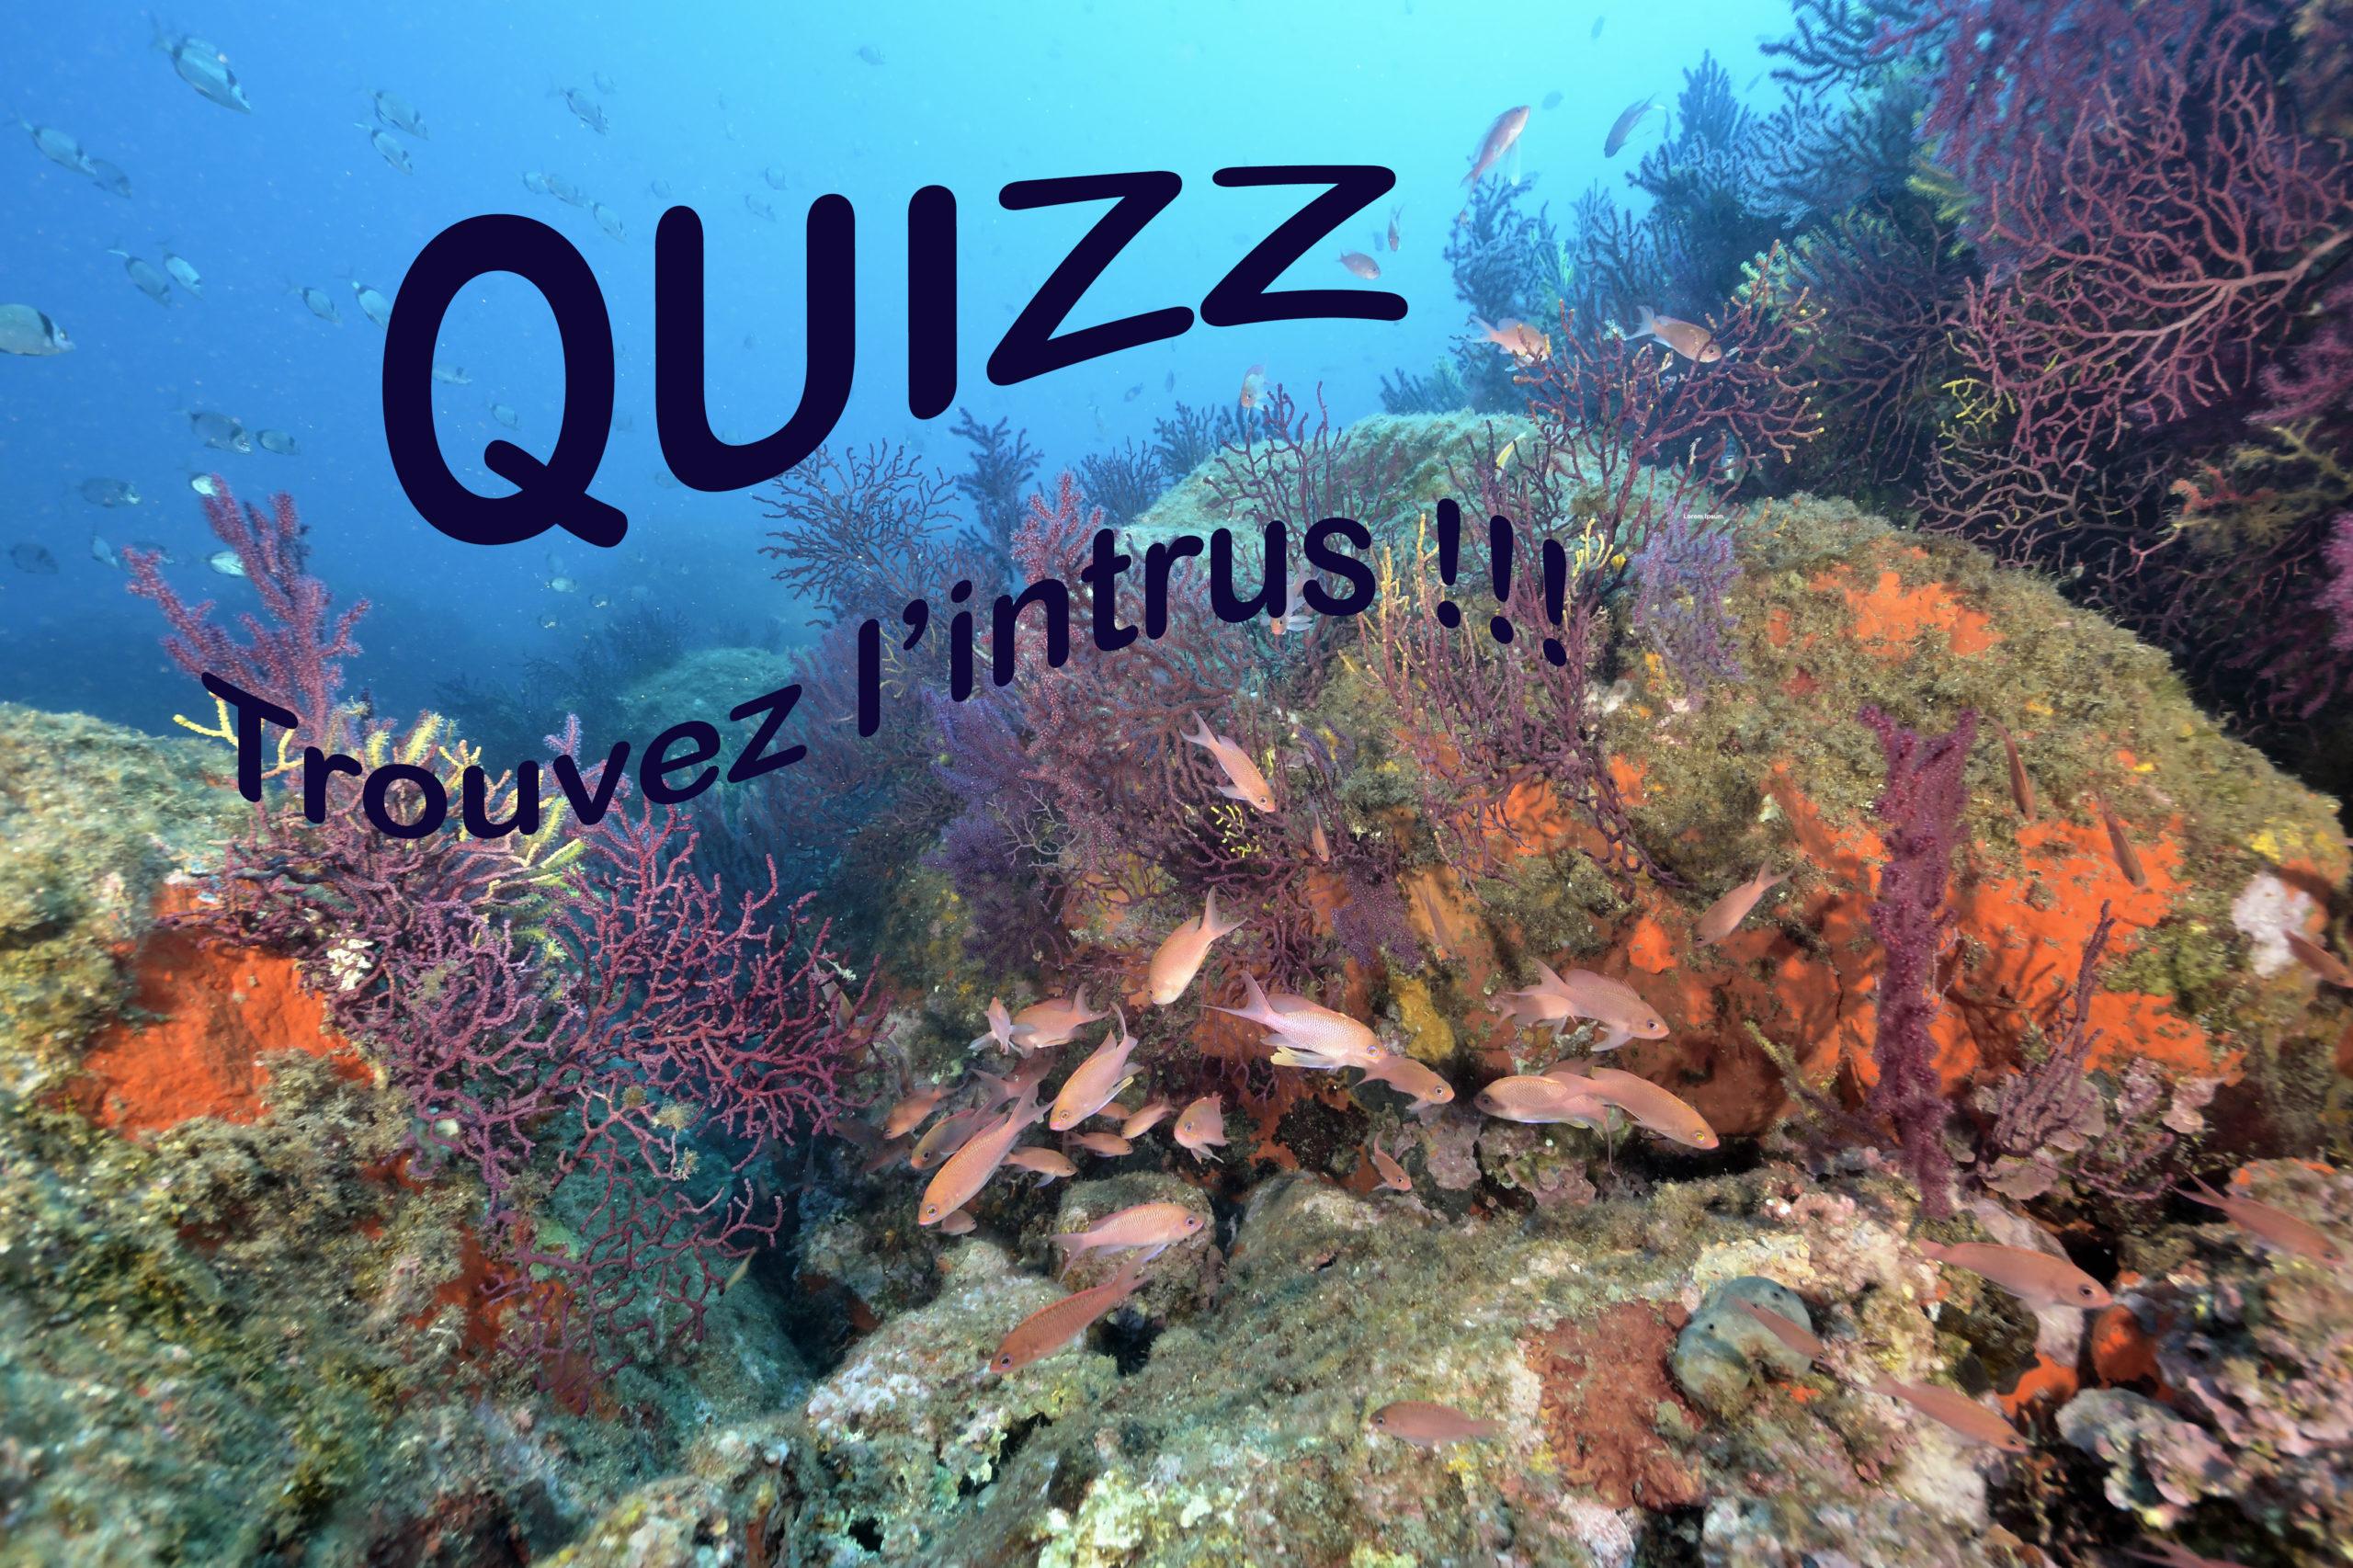 Biologie : Quizz Cherchez l'intrus !!